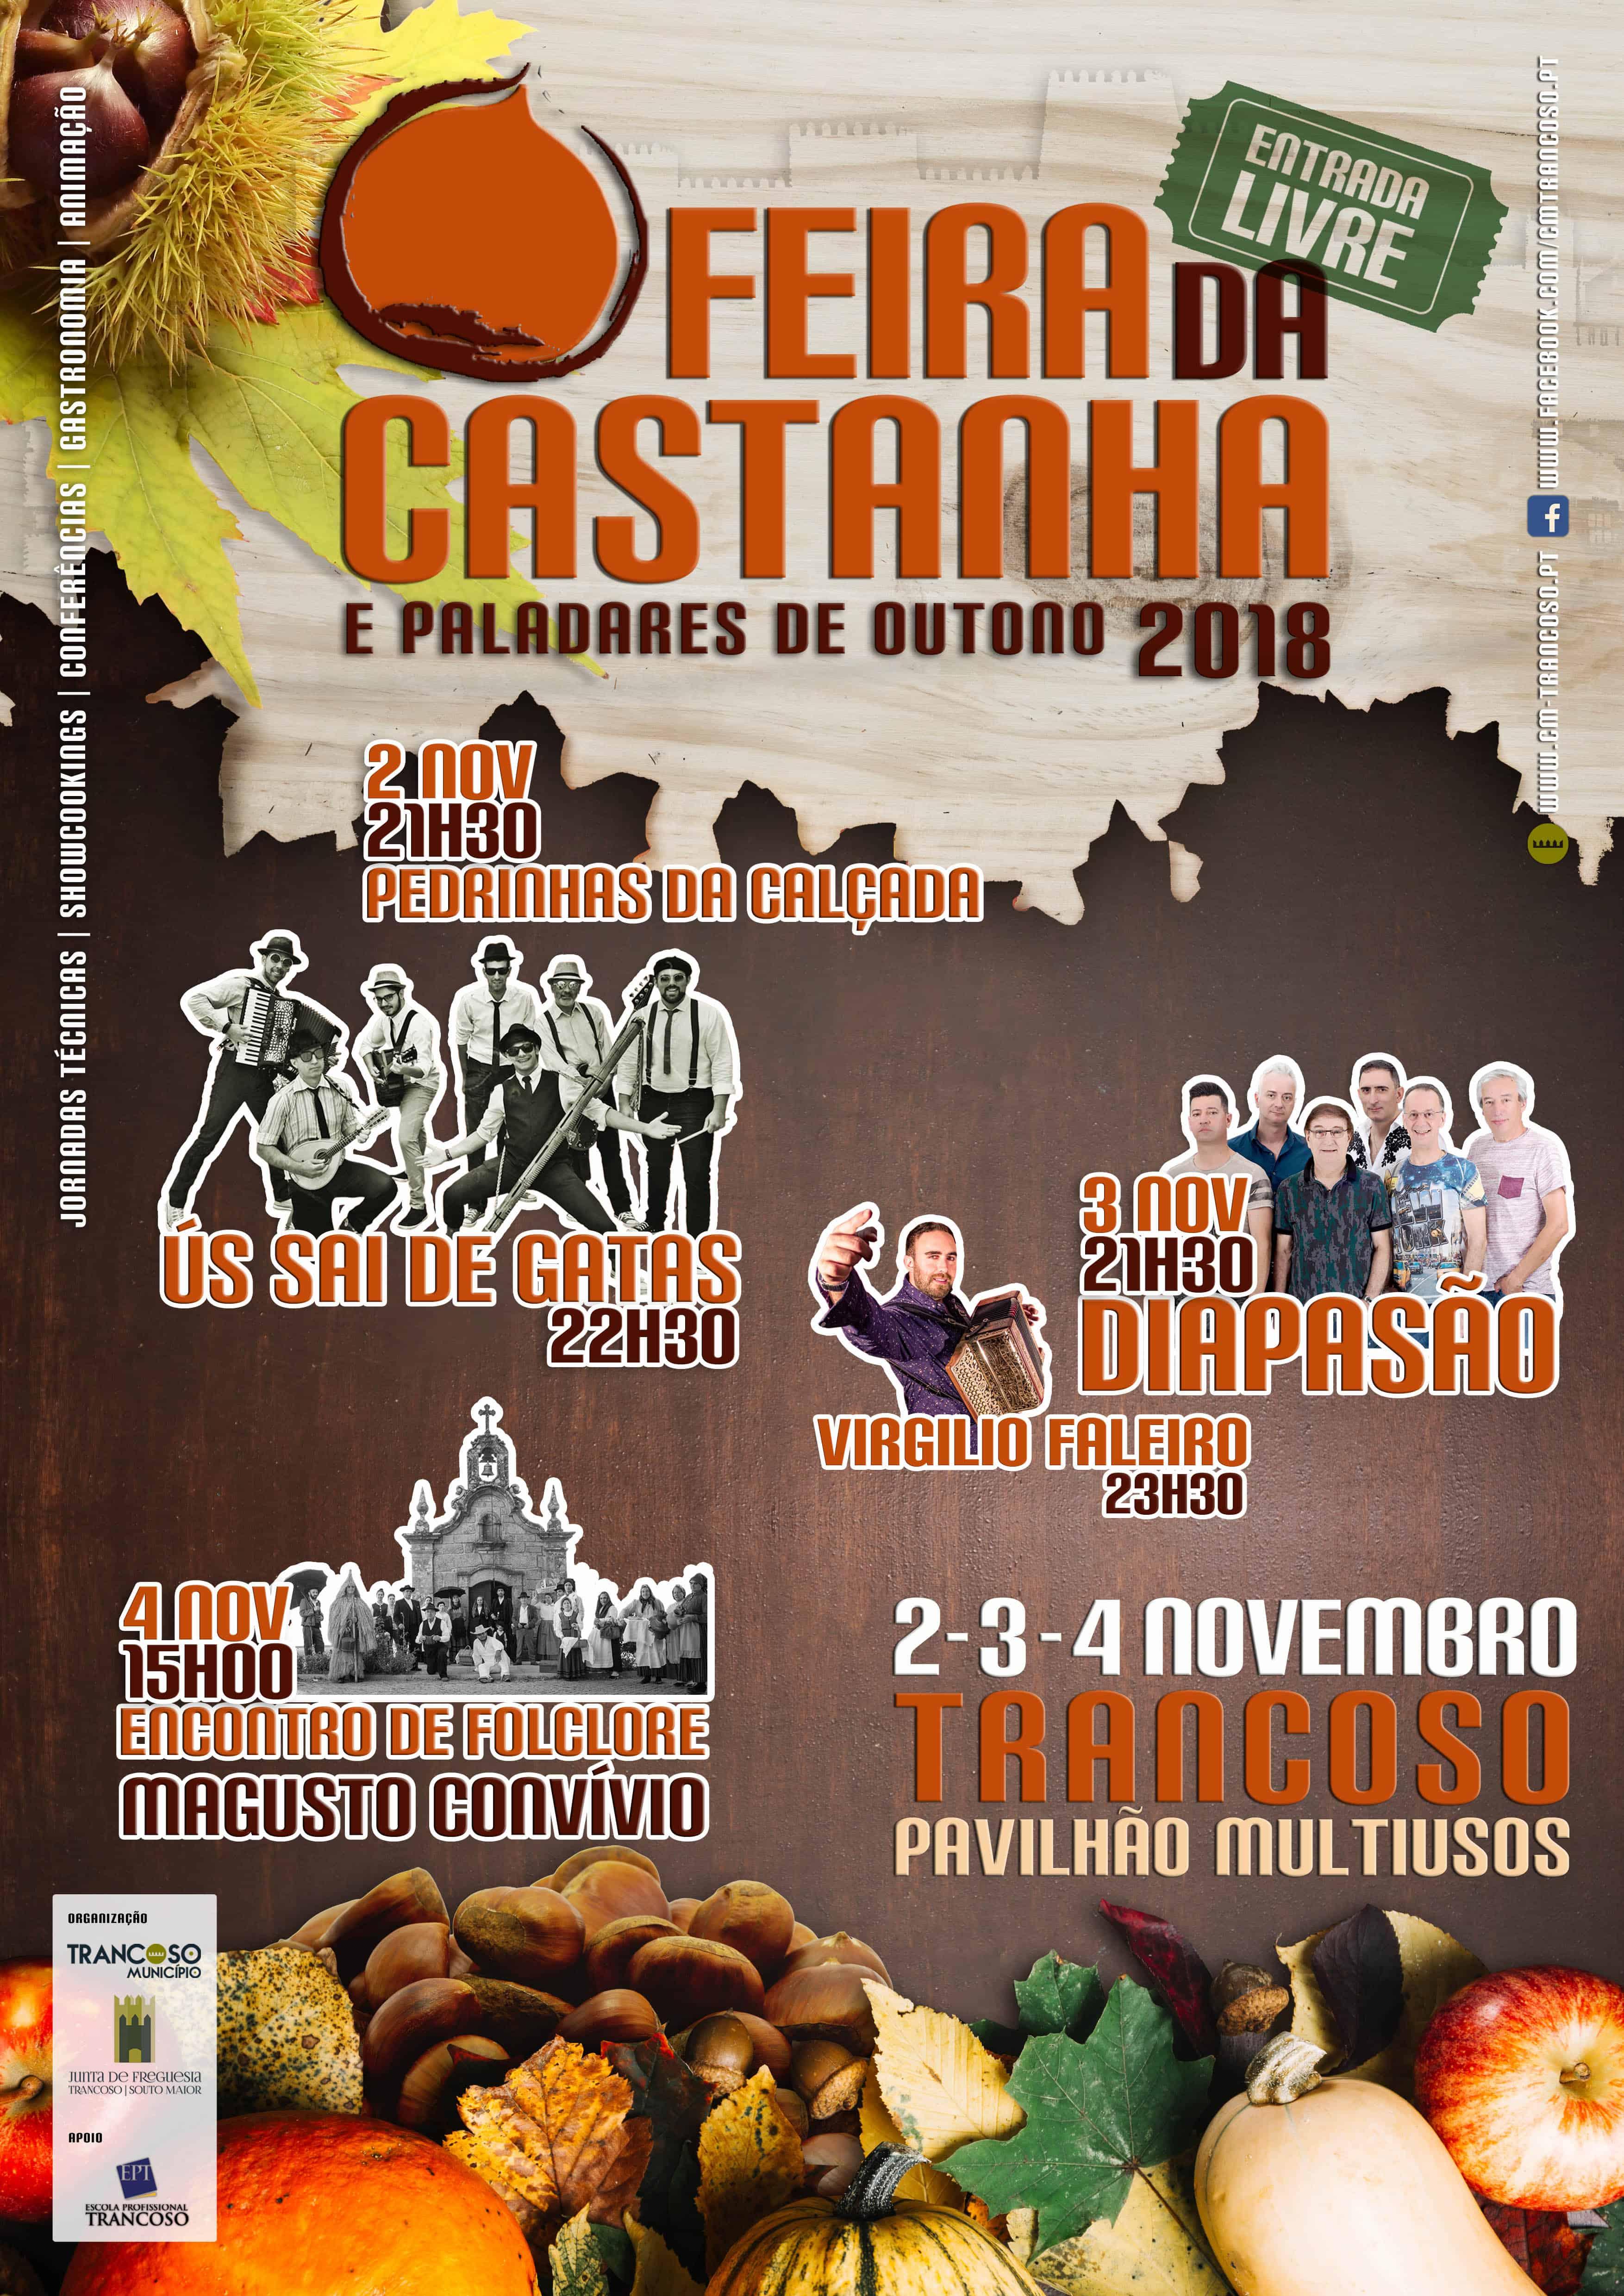 FEIRA DA CASTANHA E DOS PALADARES DE OUTONO 2018 | TRANCOSO